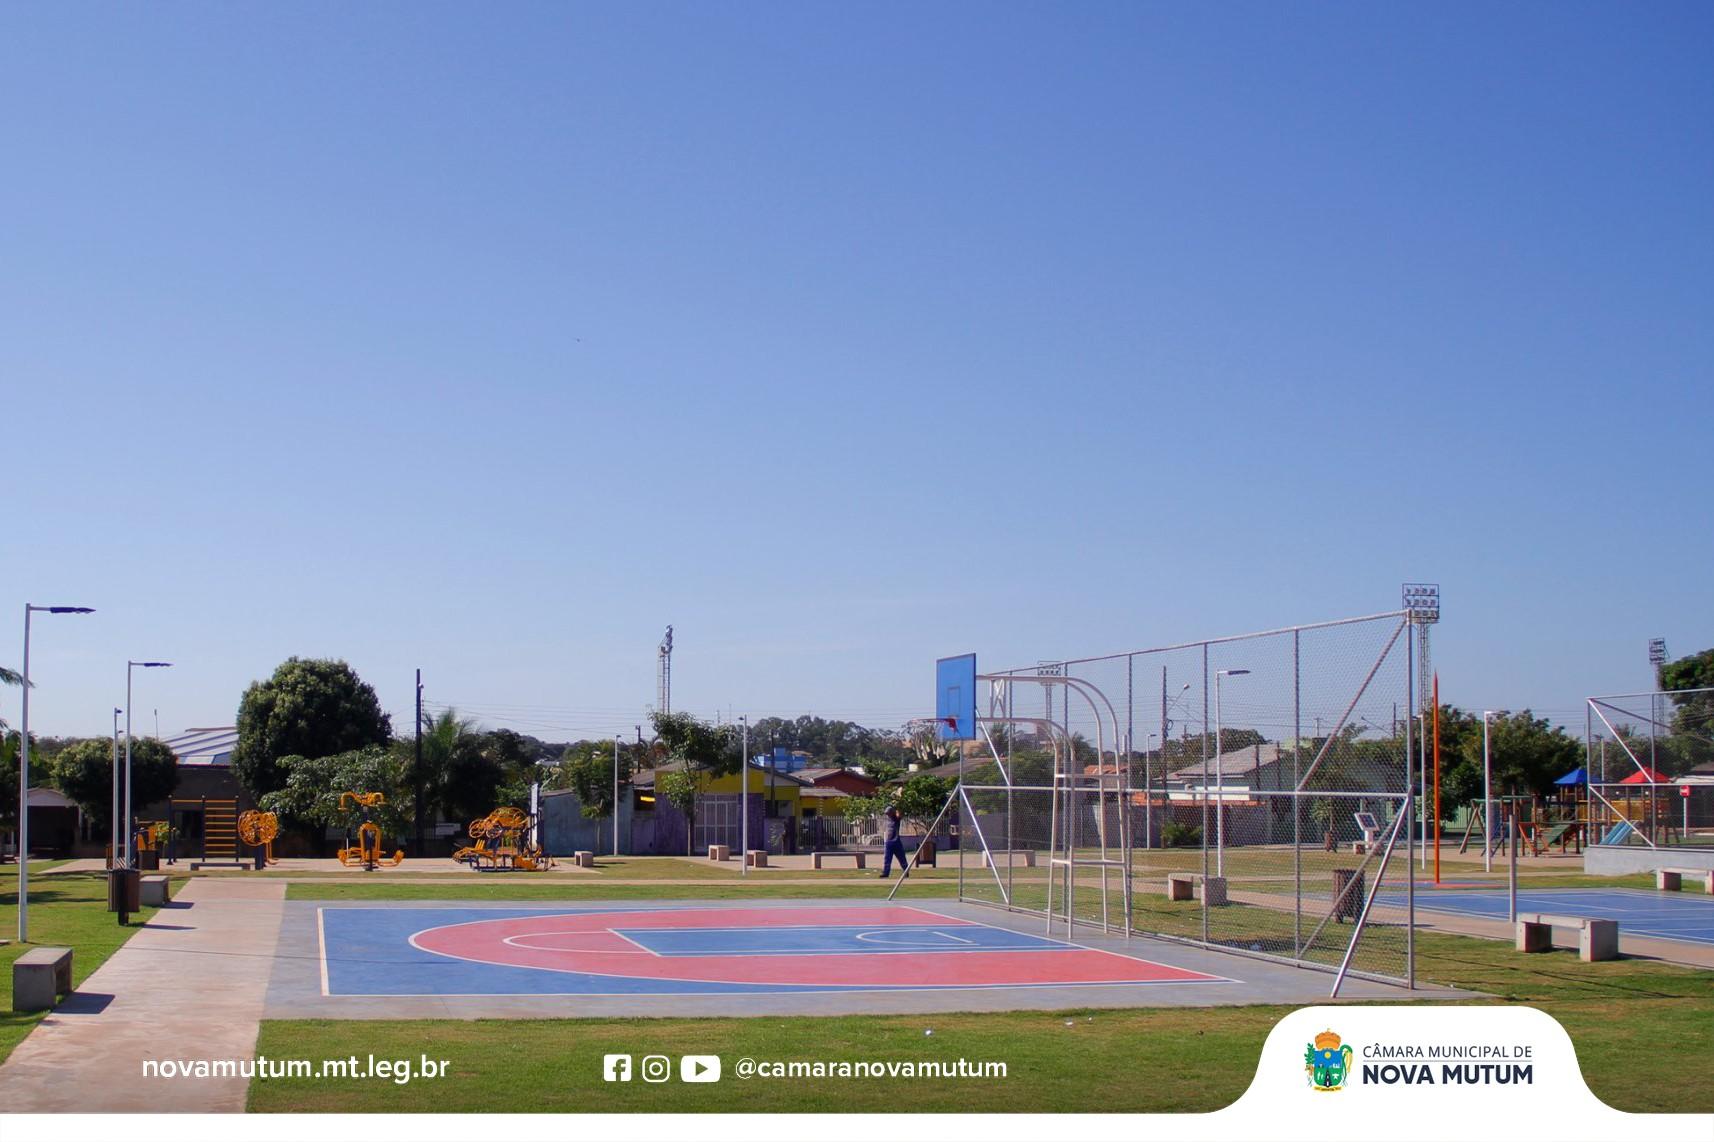 248bf12627ece8 ... a necessidade de construir uma praça dotada com toda infraestrutura  como quadras esportivas, academia da terceira idade, playground,  iluminação, ...